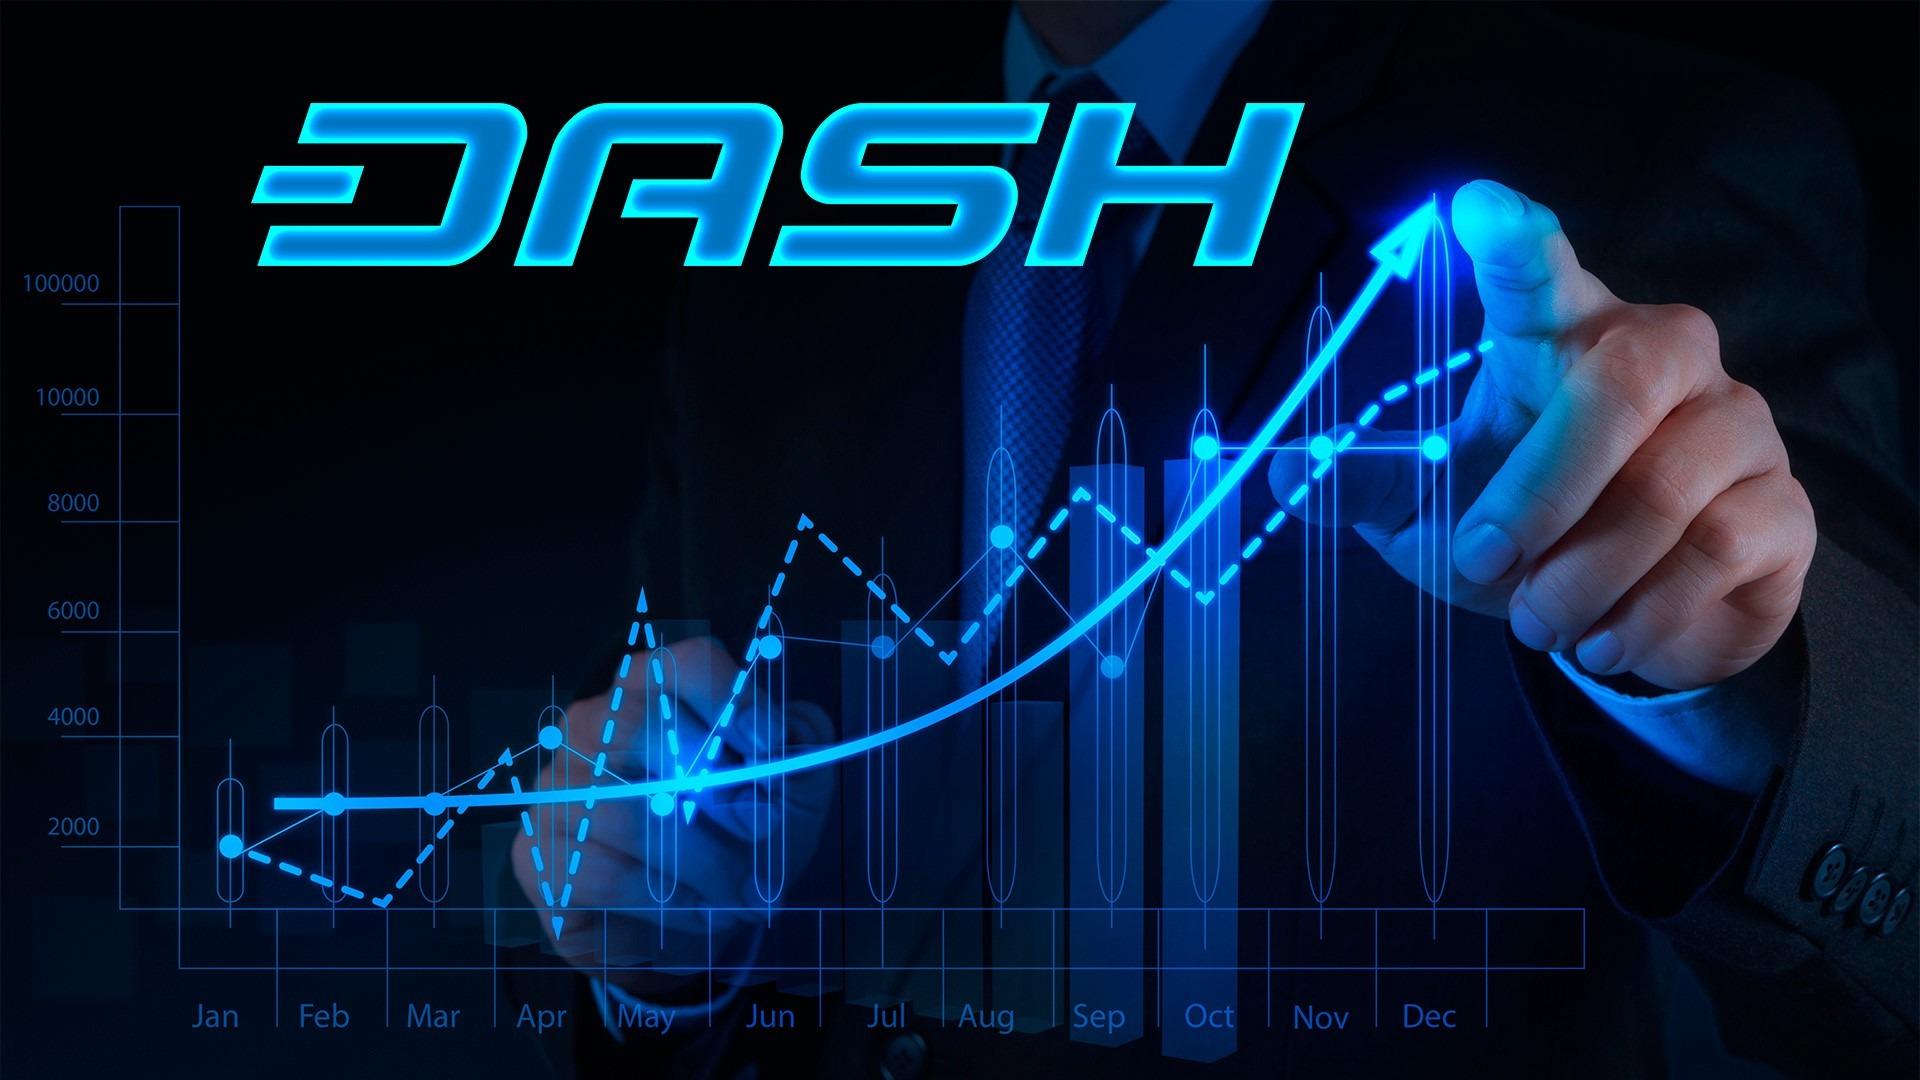 Os detentores de moeda criptográfica Dash se tornaram vítimas do serviço fraudulento o Dash-Coin.net, que, fingindo ser uma carteira na web, obtém acesso às chaves dos usuários individuais e rouba seu dinheiro.